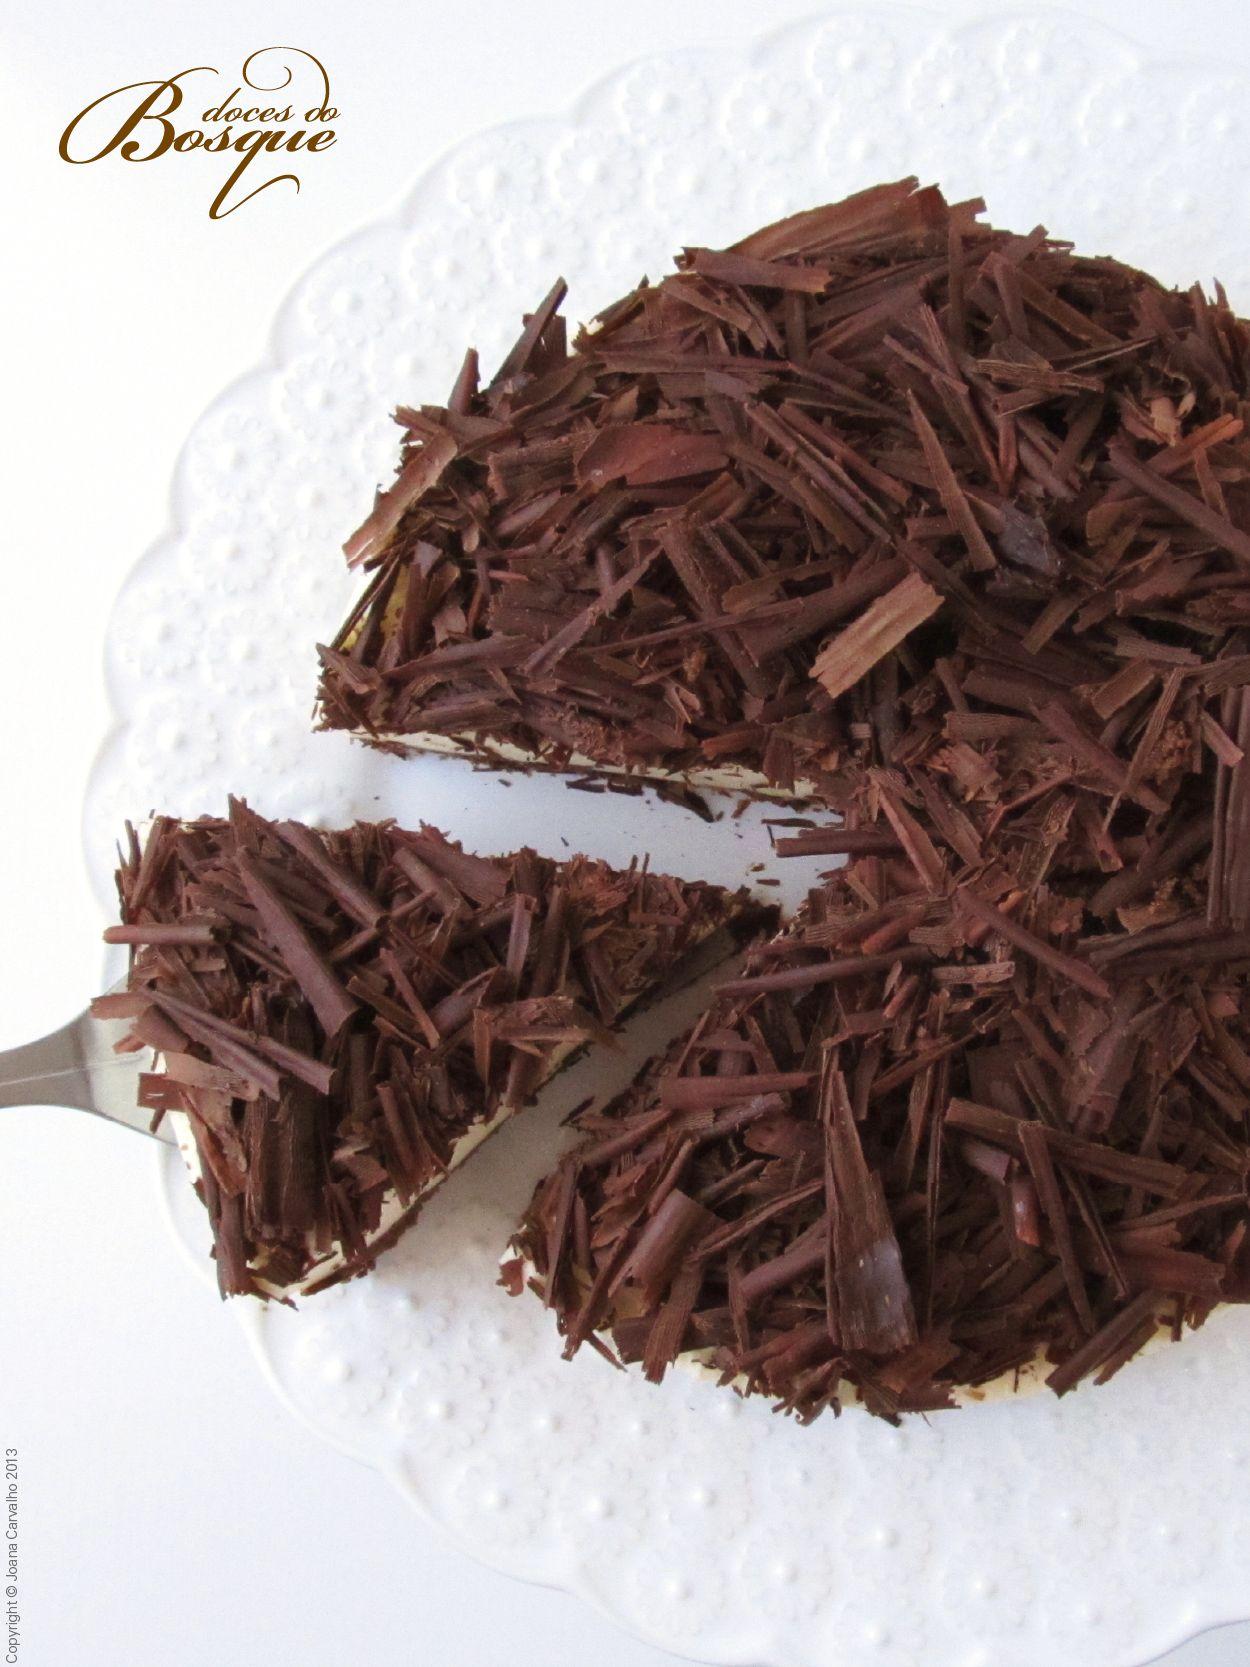 Cheesecake de Chocolate • Chocolate Cheesecake | Doces do Bosque